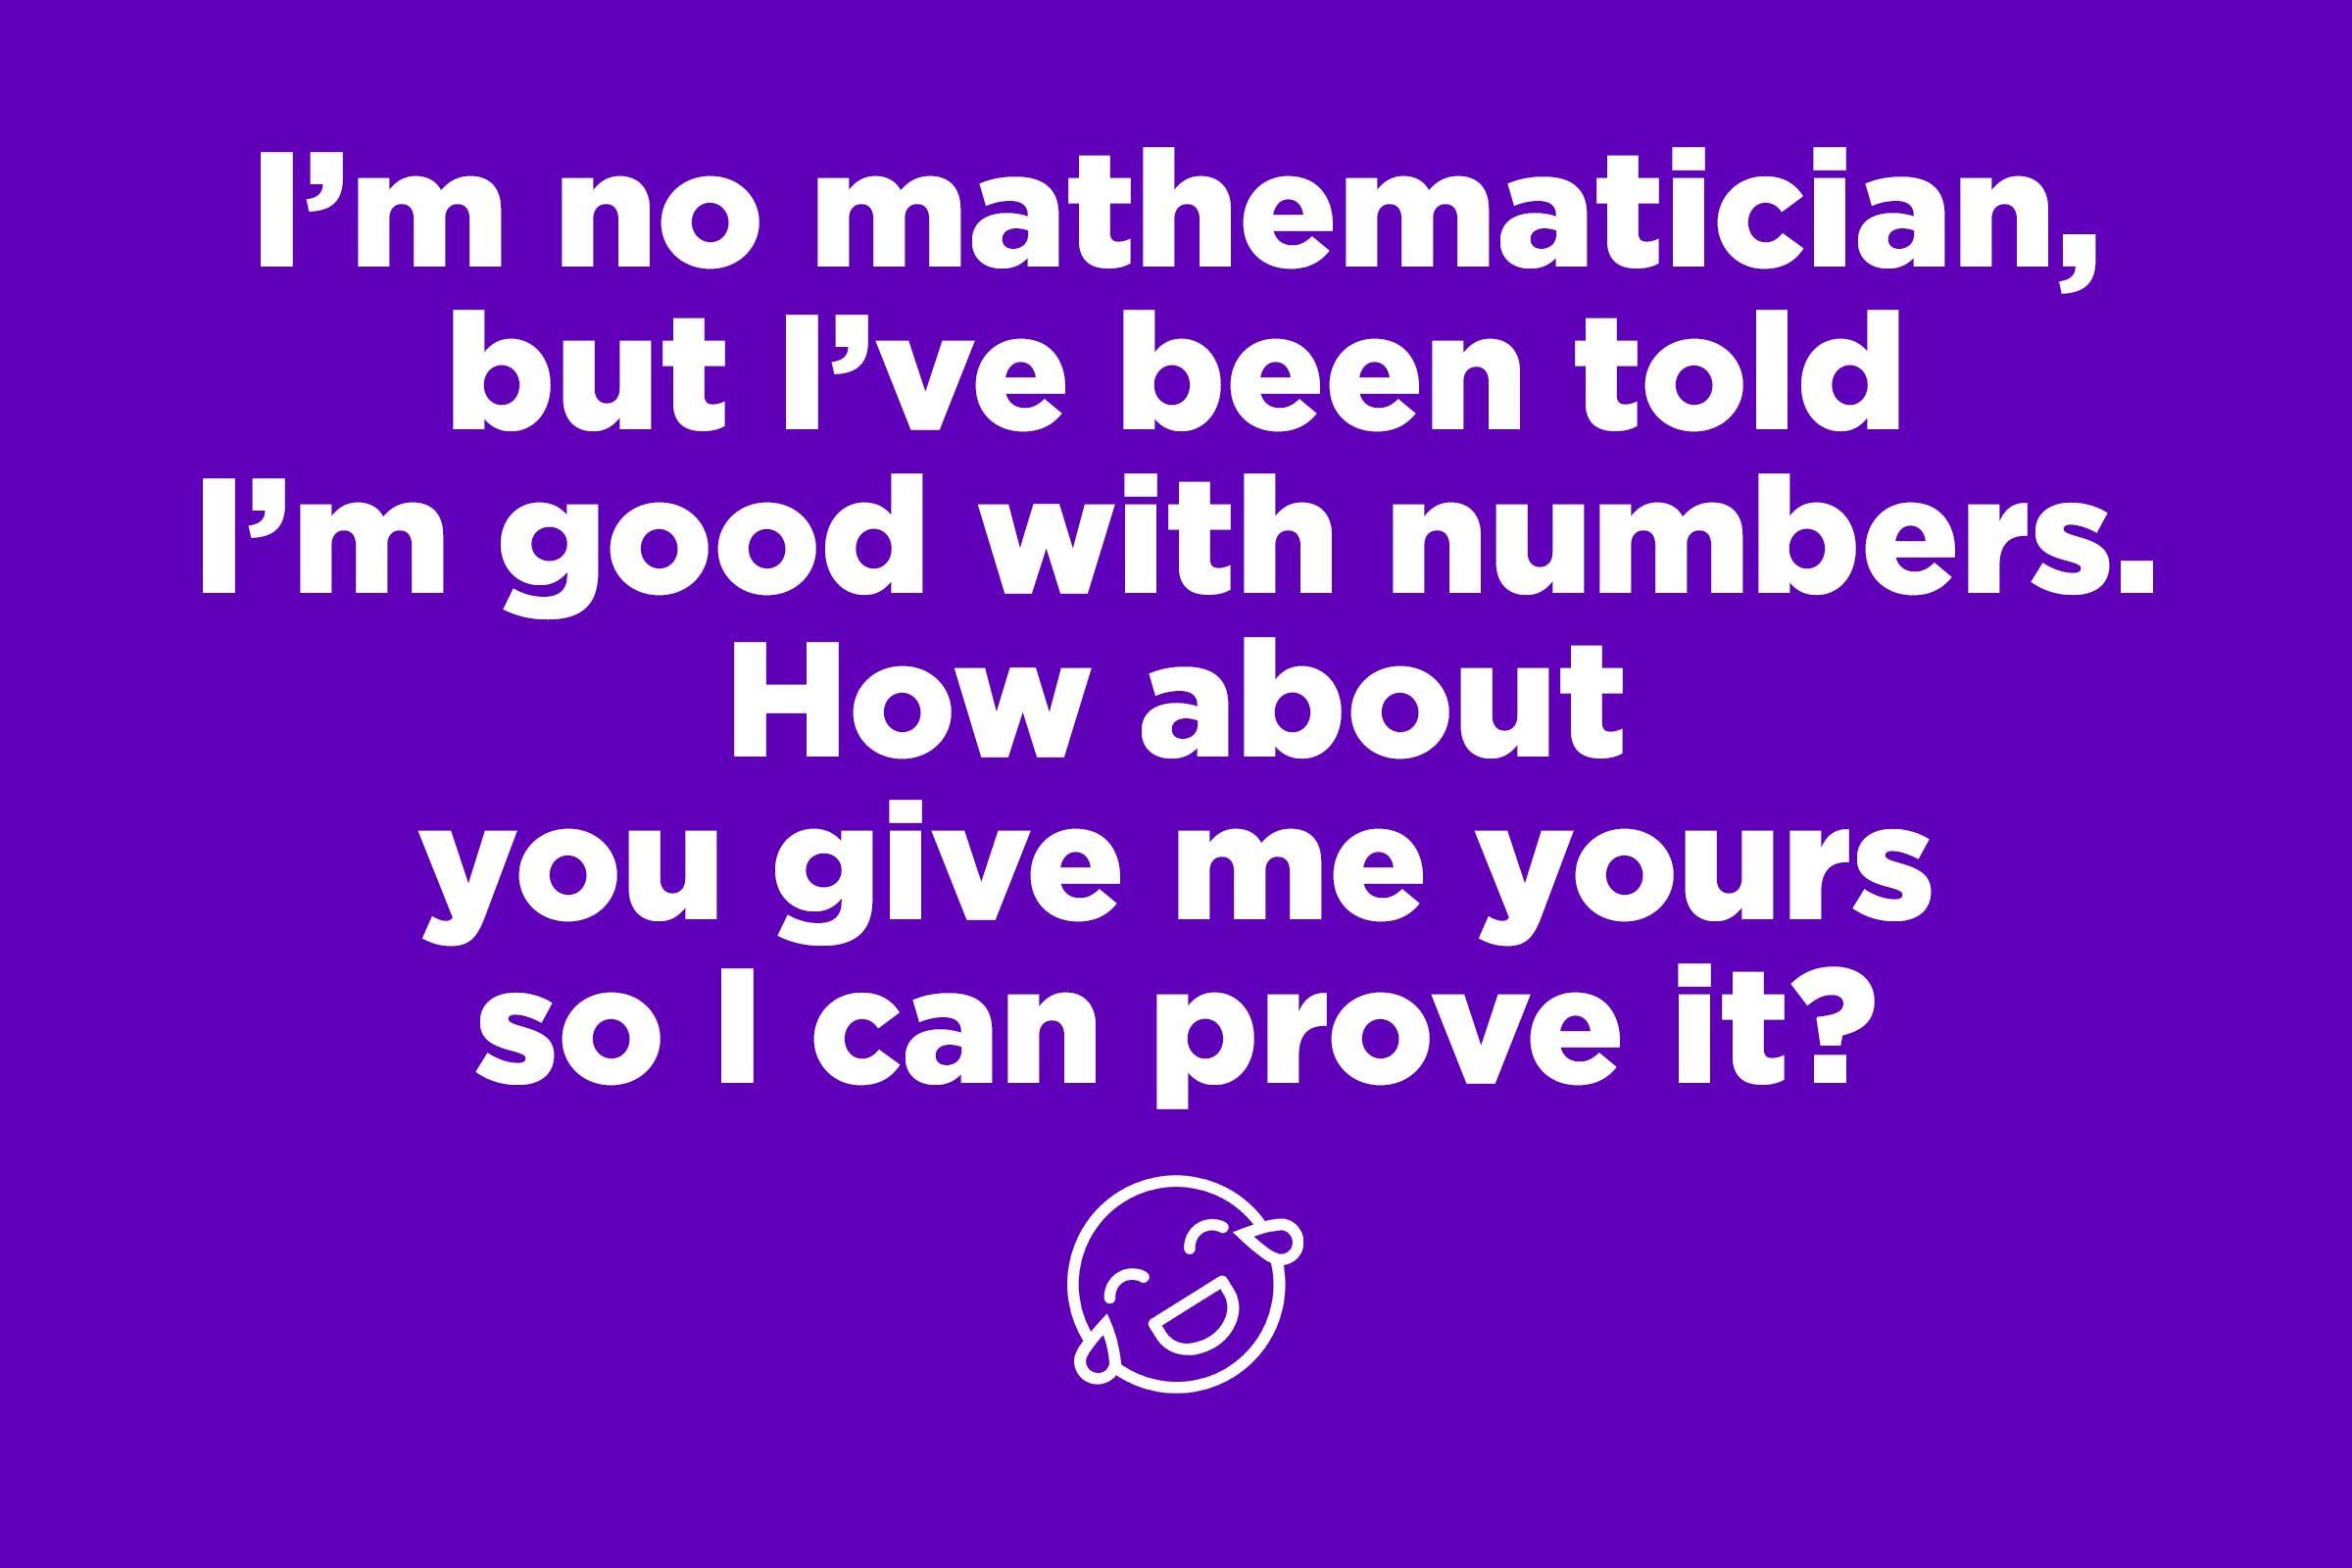 mathematician pick up line